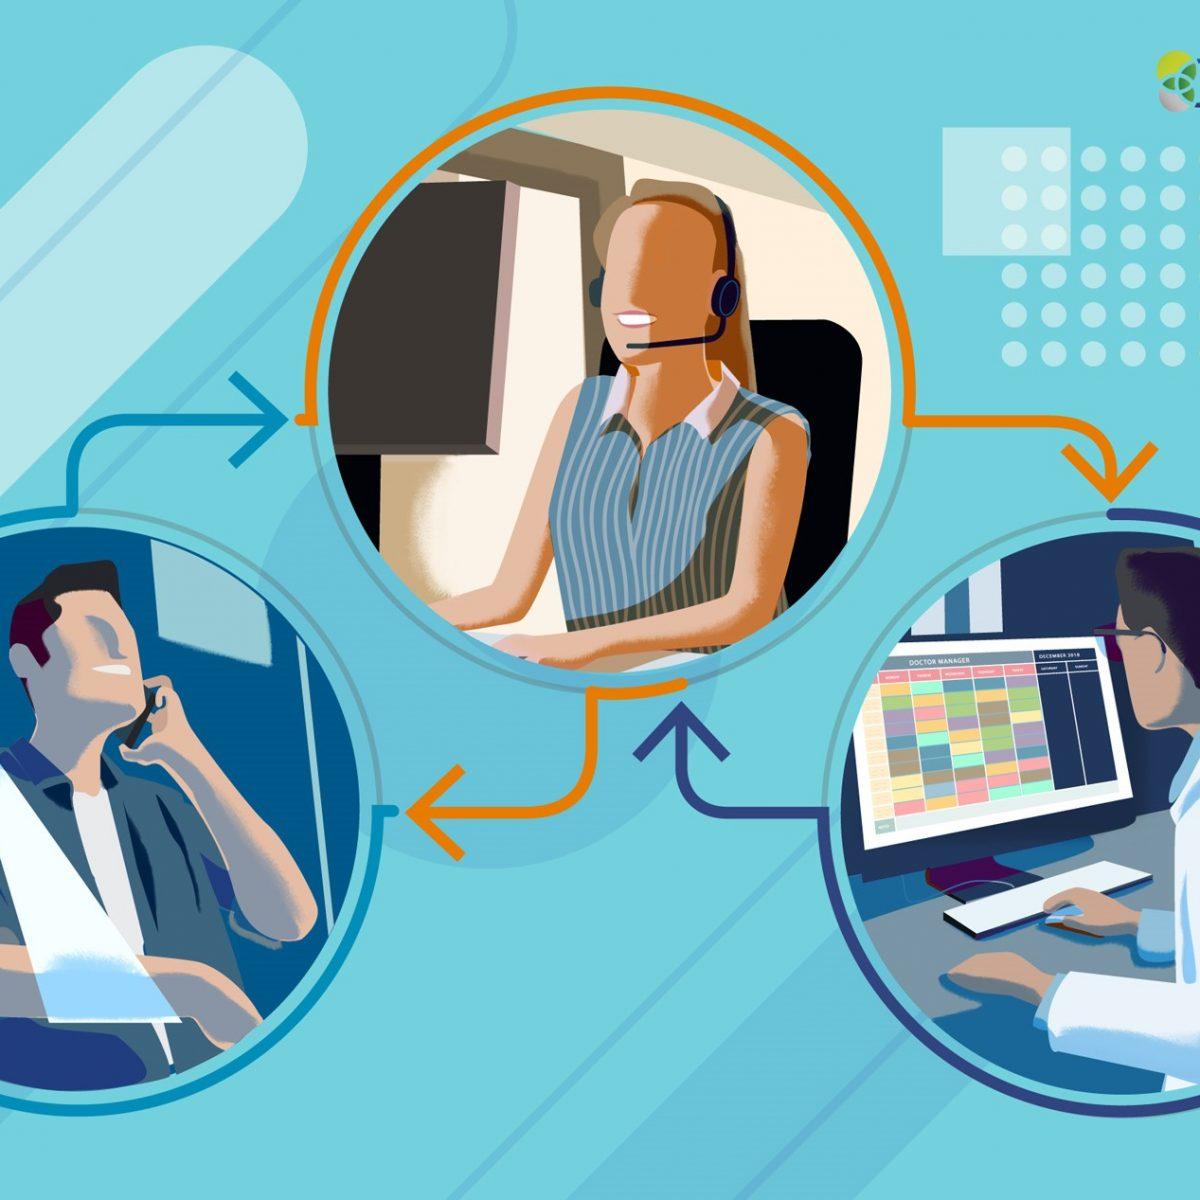 Software gestione appuntamenti studio medico. Lo strumento per la tua produttività